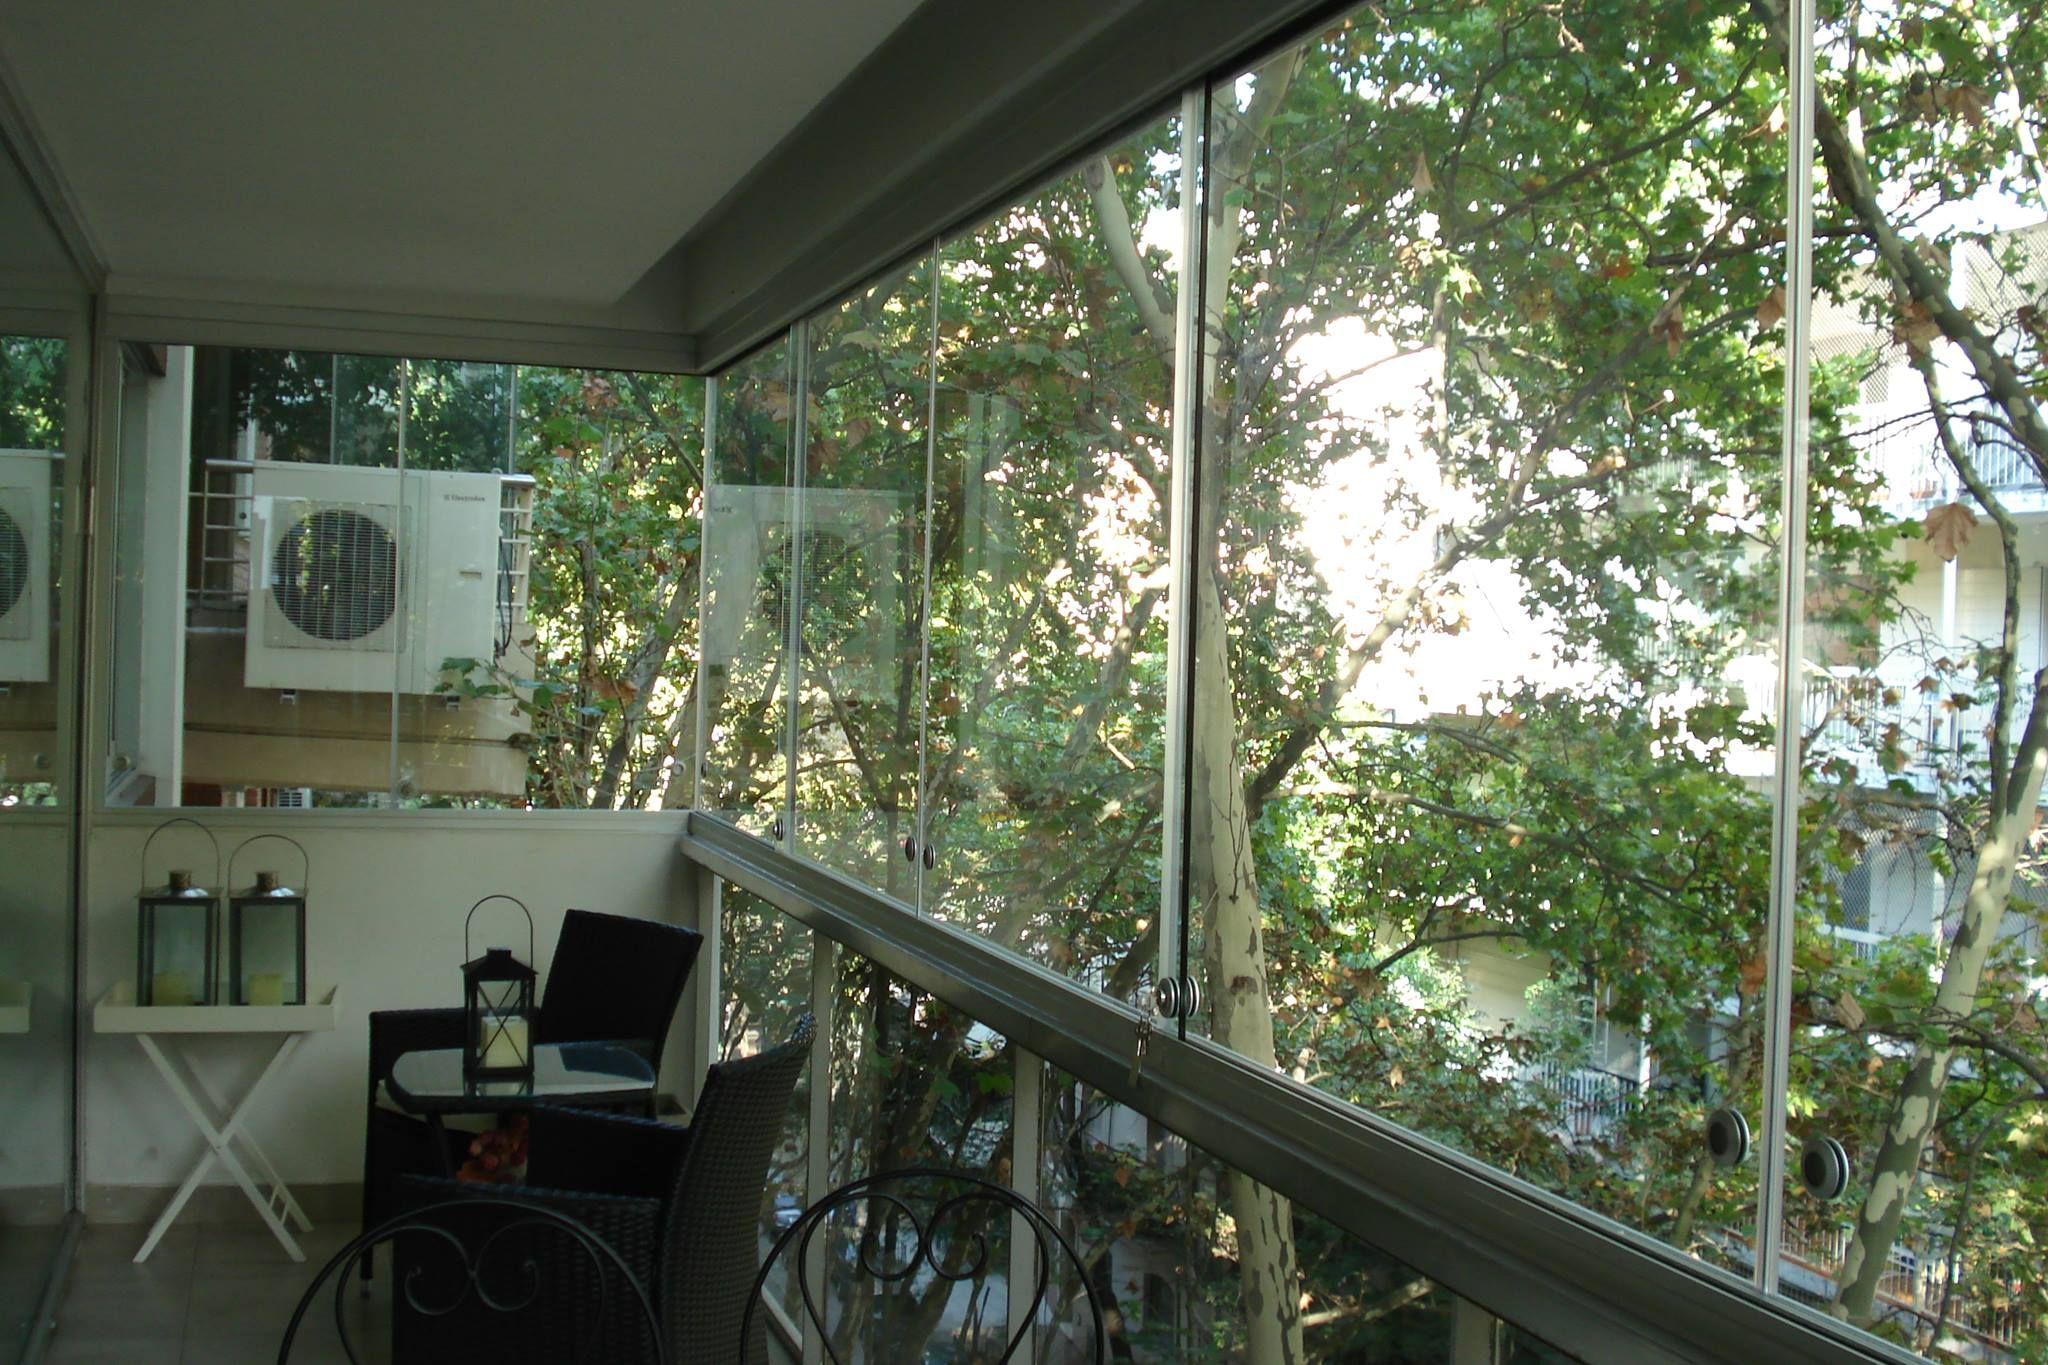 Balcon cerrado sin parantes cerrar el balcon pinterest - Cerrar balcon ...